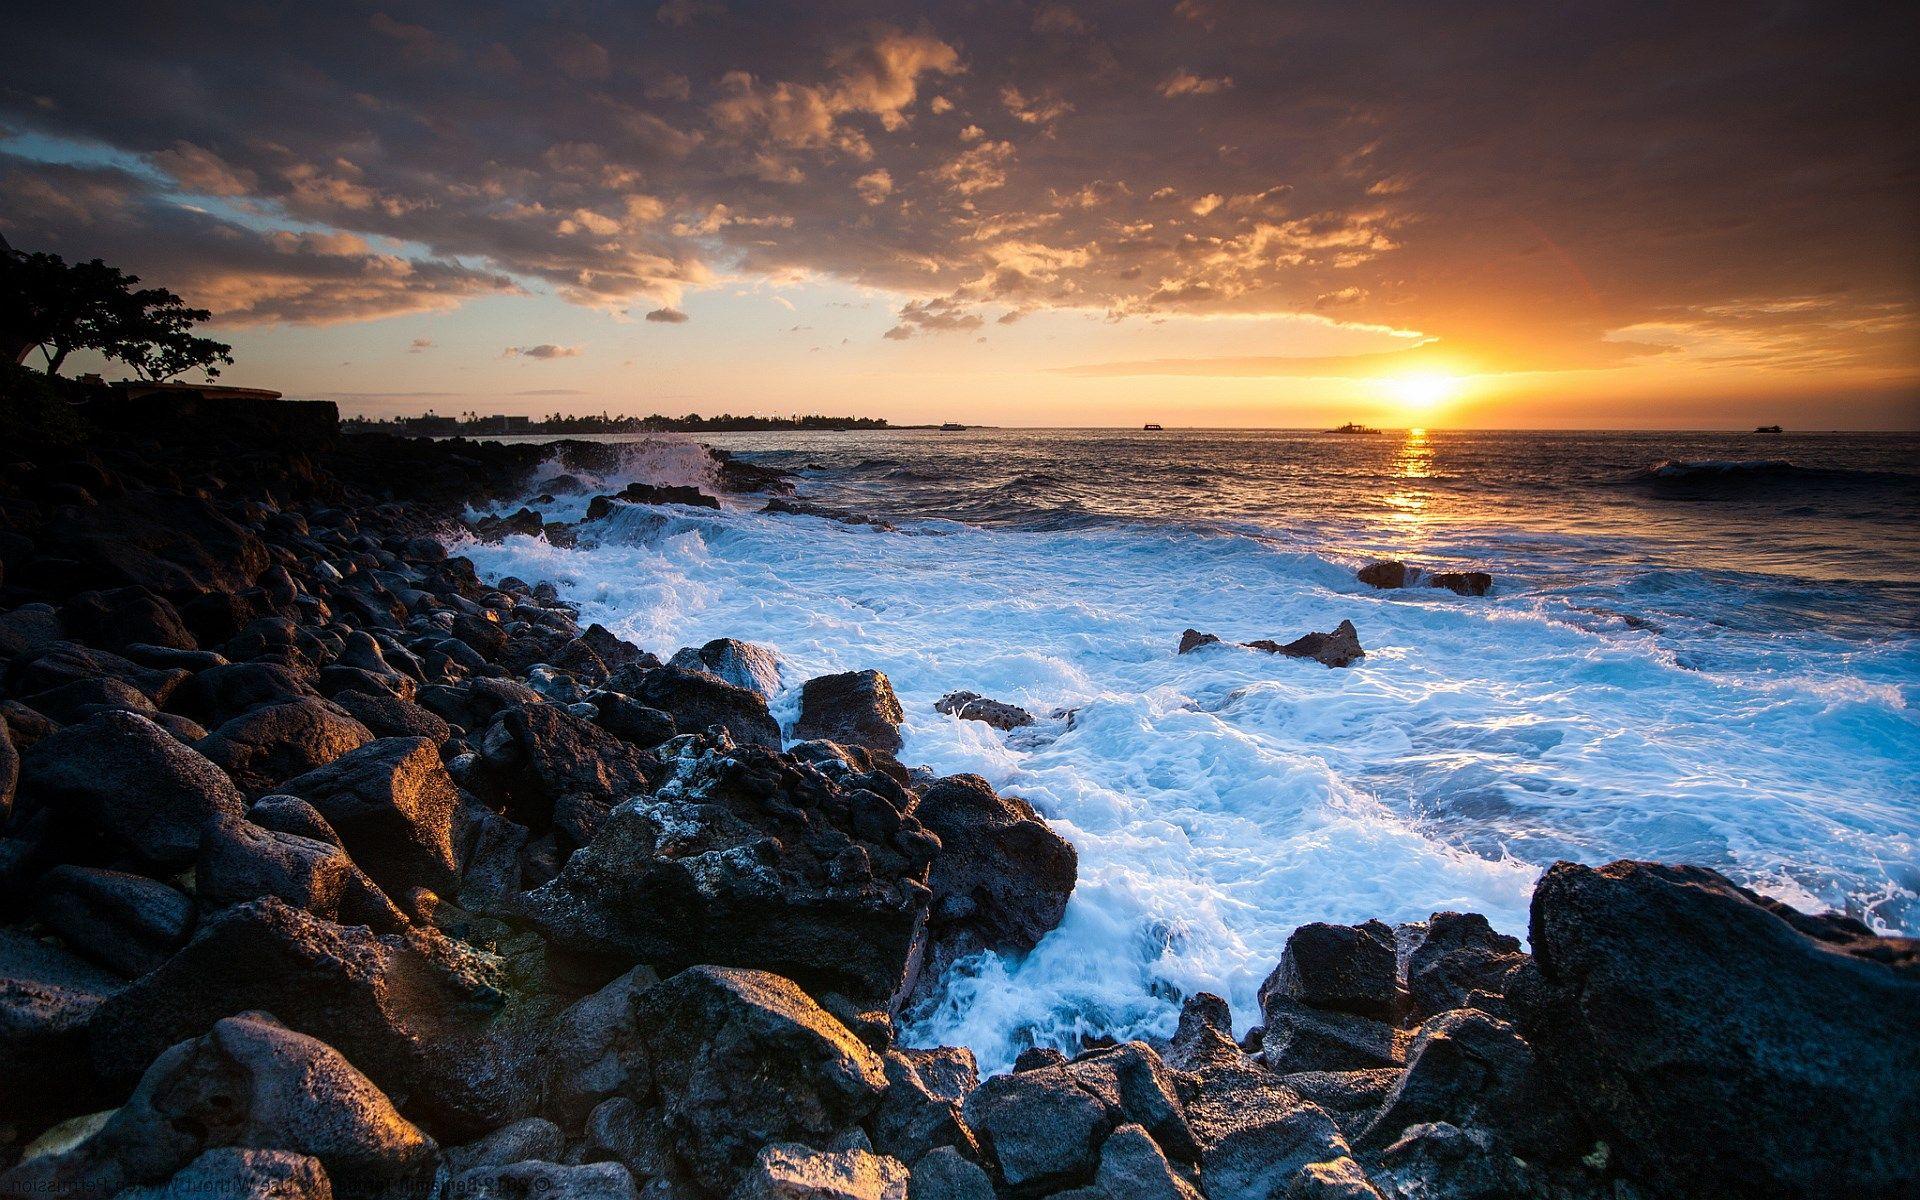 hawaii high resolution wallpapers widescreen Beach